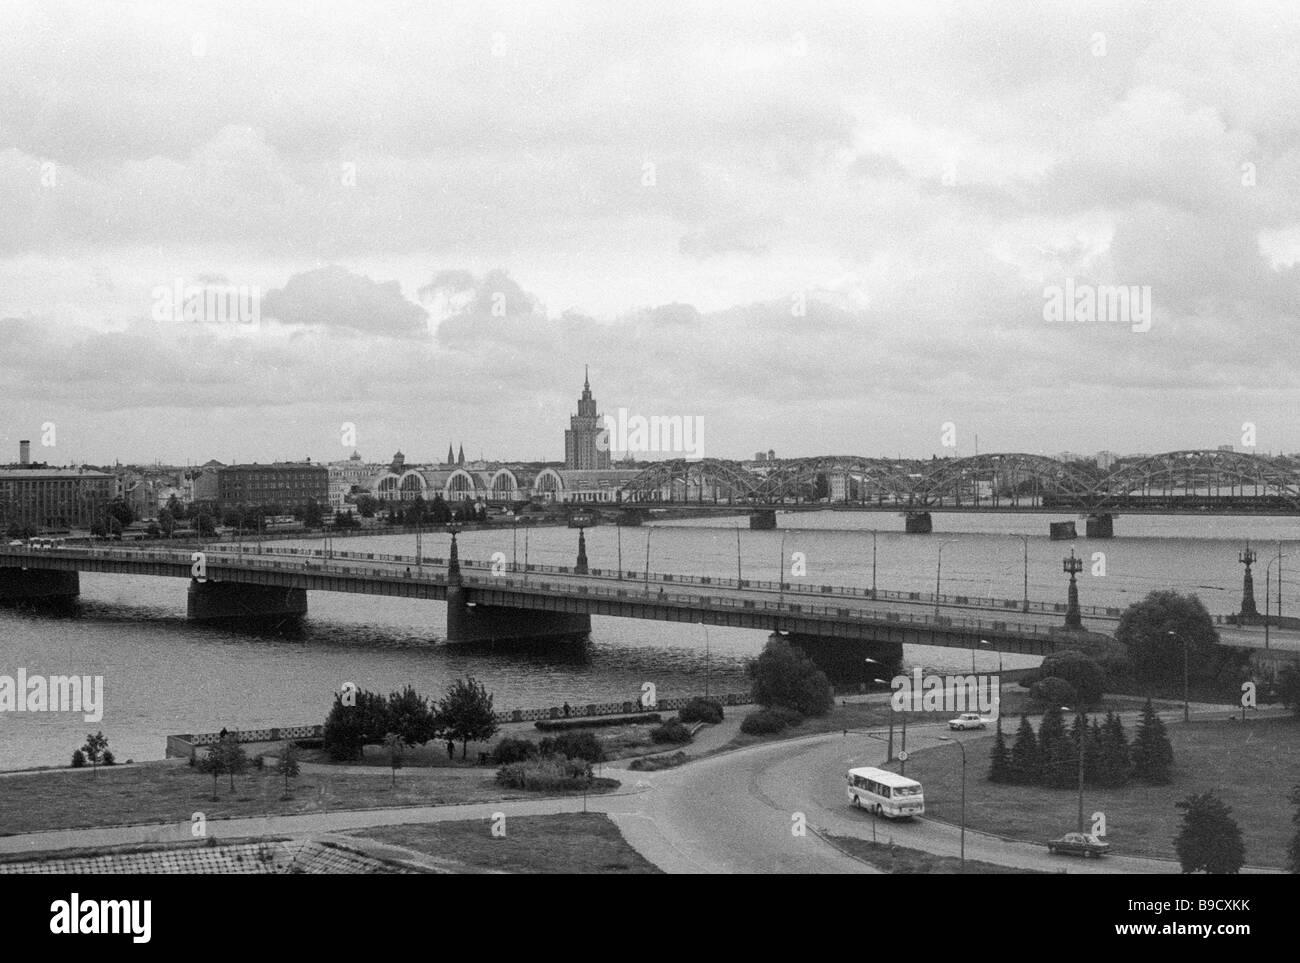 Bridges spanning the Daugava River - Stock Image